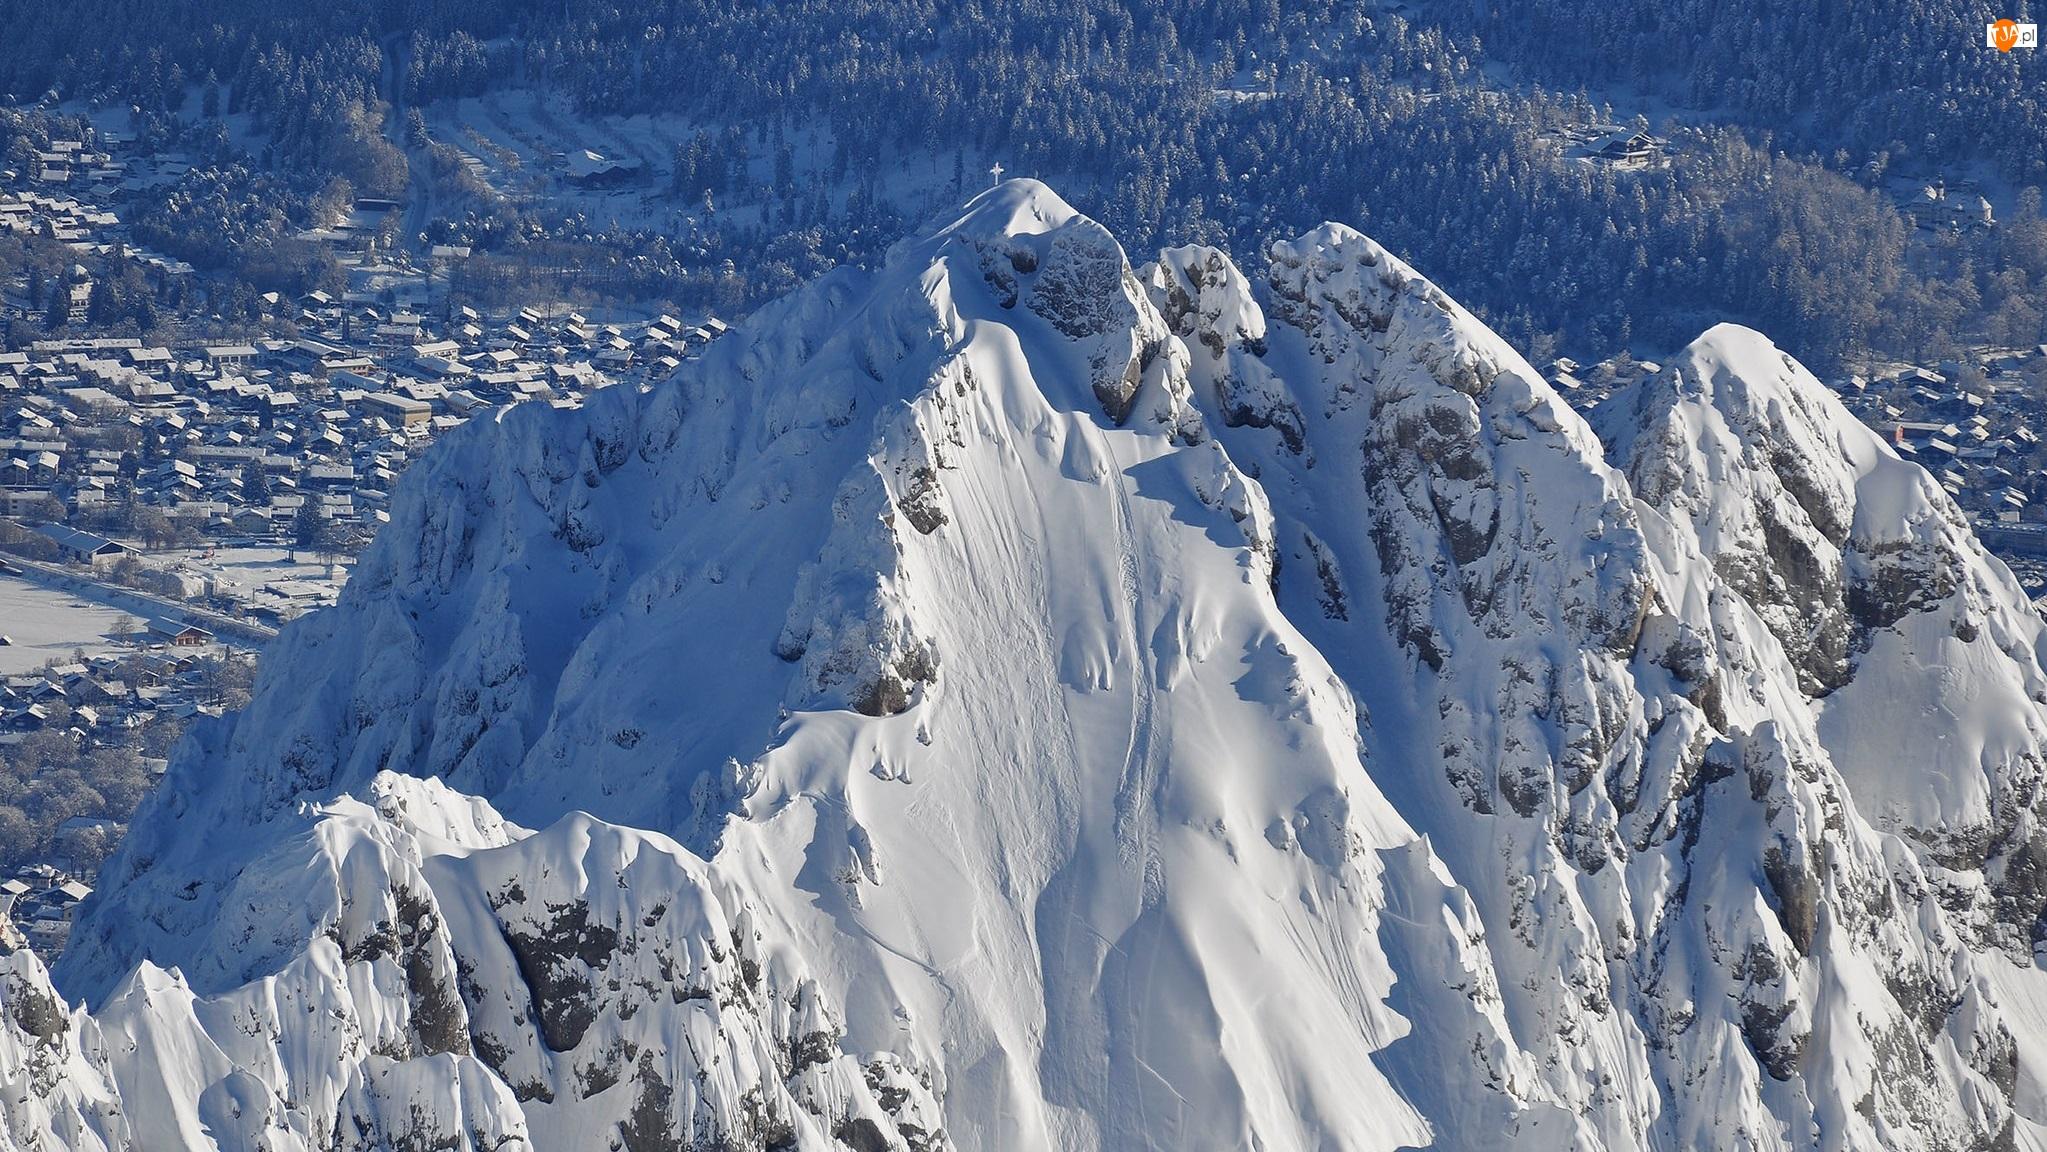 Szczyty, Góry, Śnieg, Domy, Zima, Drzewa